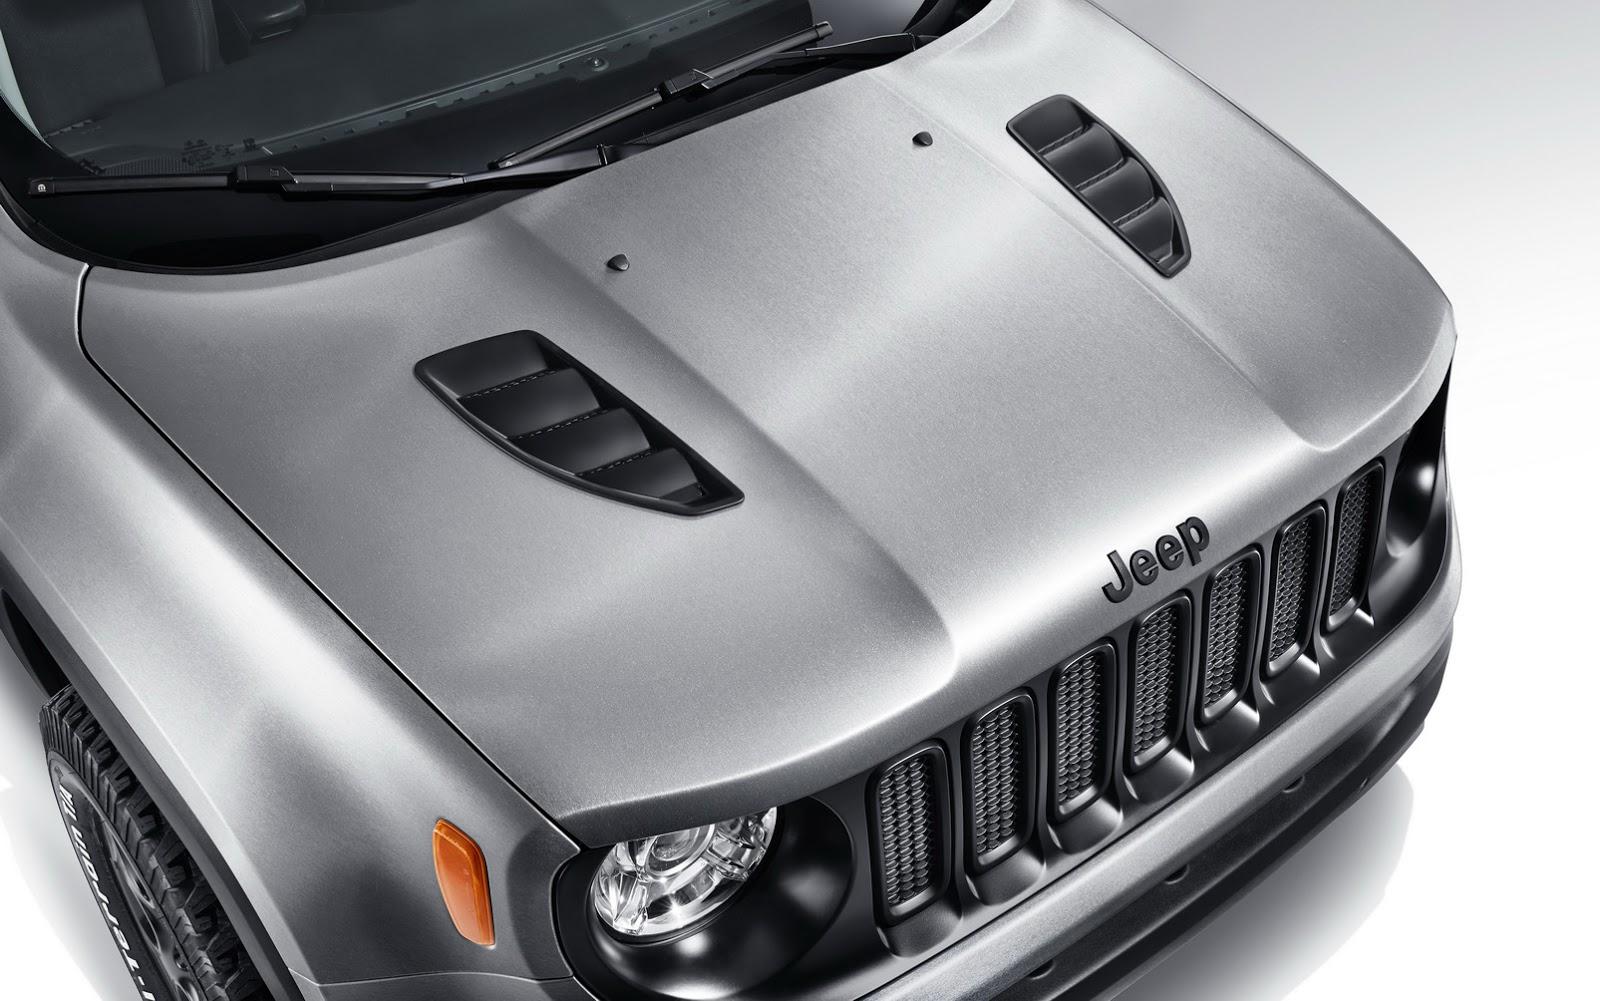 jeep renegade hard steel concept acero y remolque. Black Bedroom Furniture Sets. Home Design Ideas